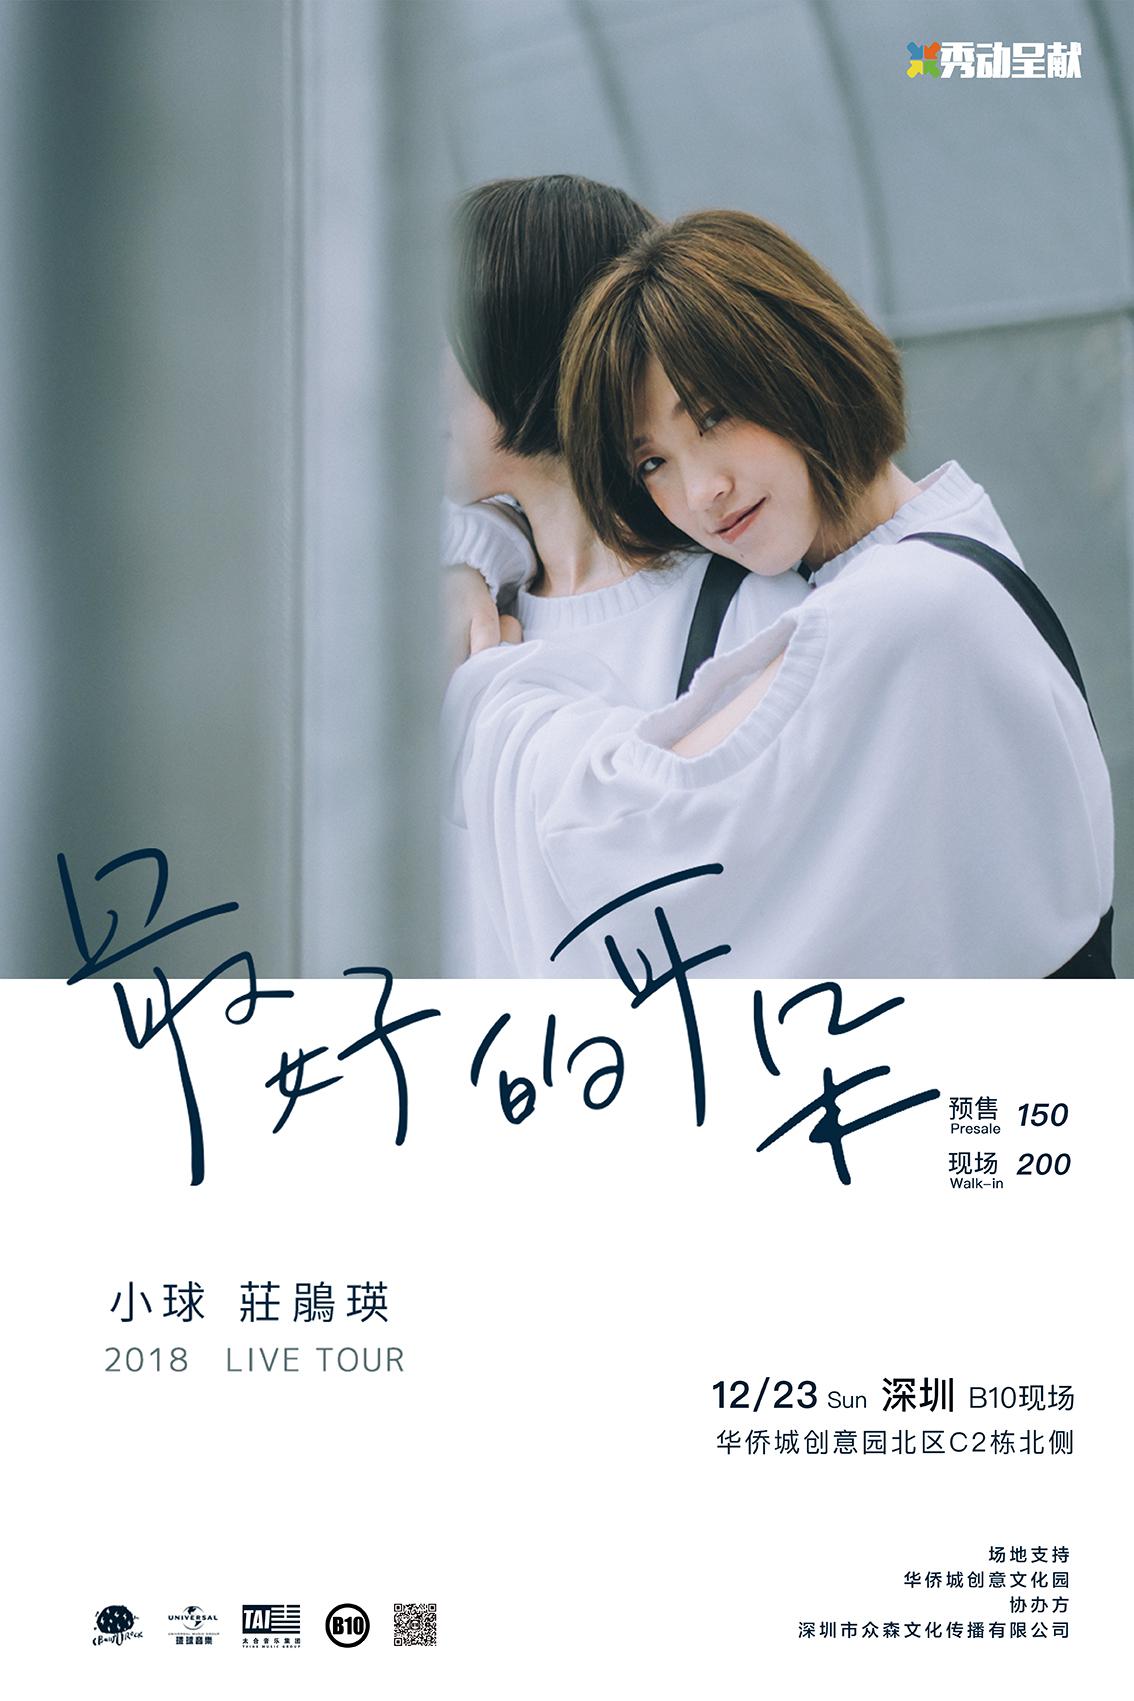 【海报】1223 小.jpg